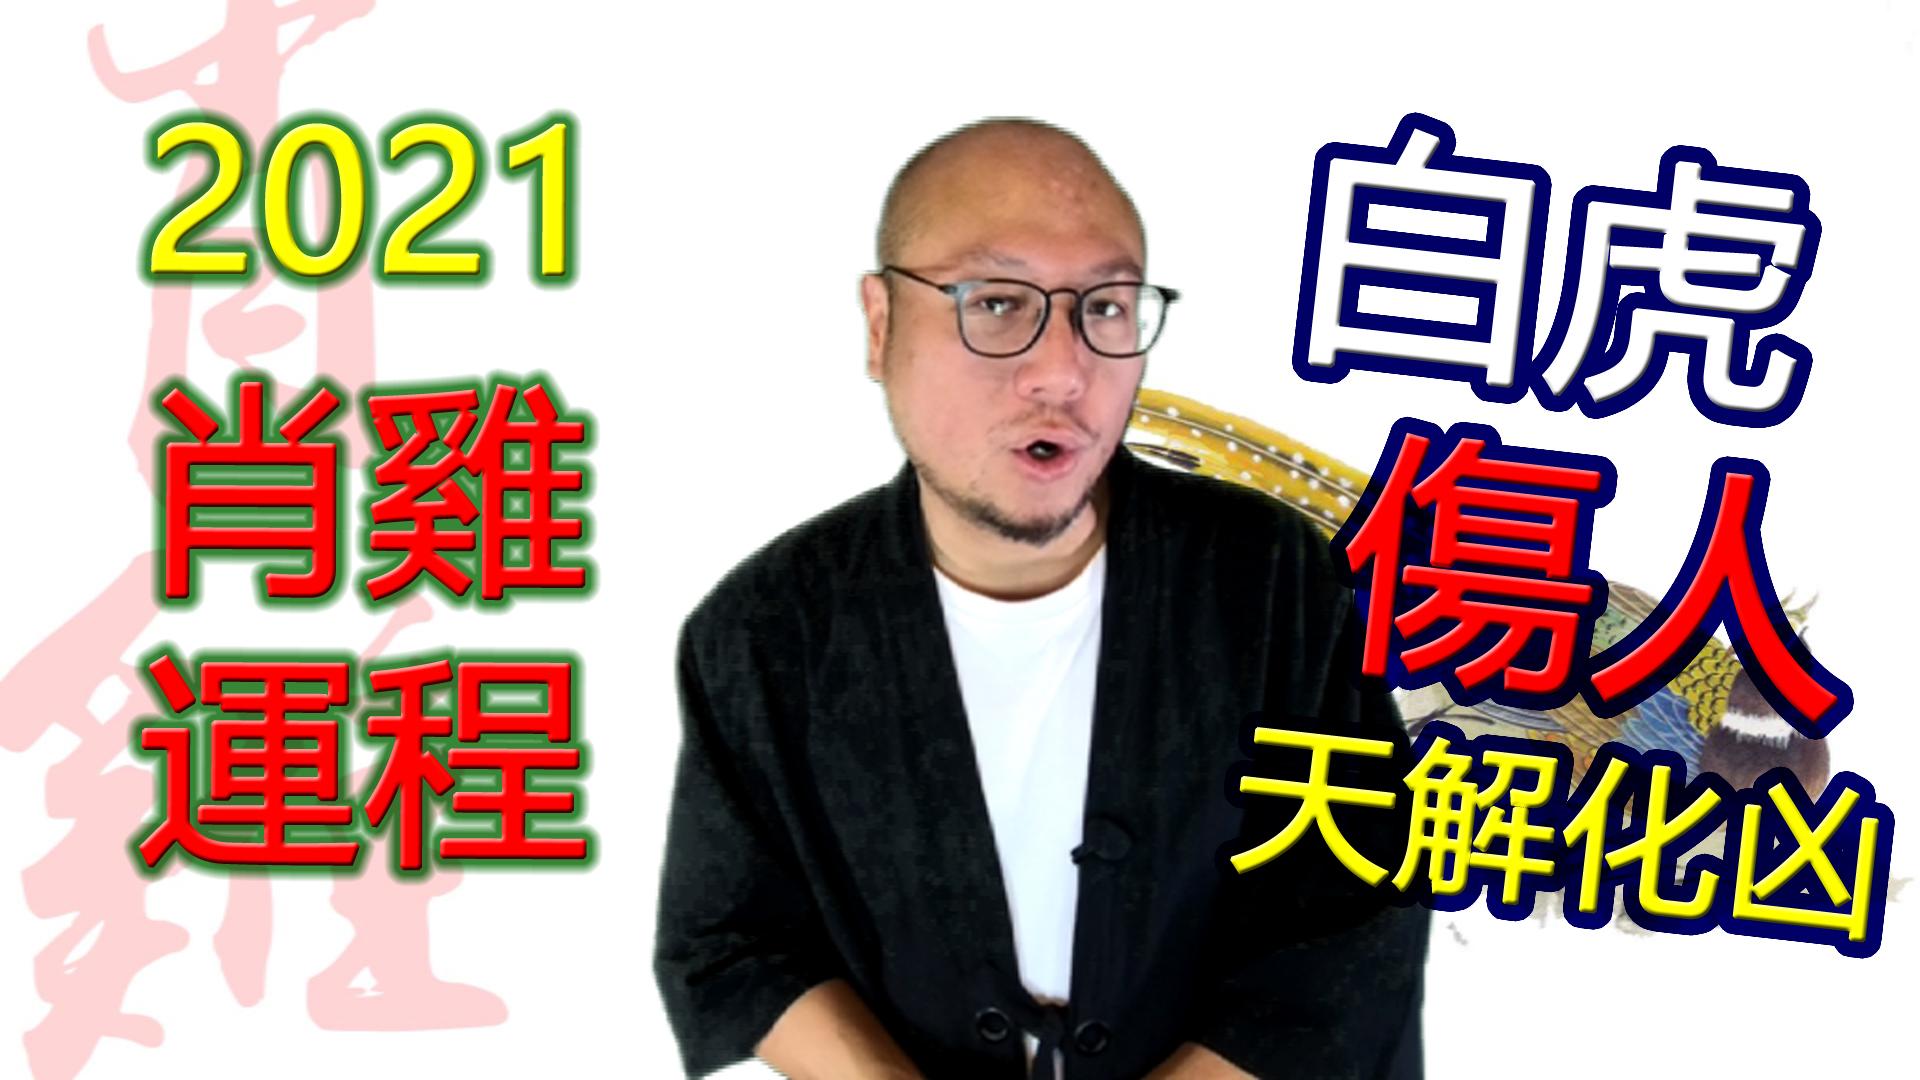 2021年【肖鸡】辛丑牛年生肖运程